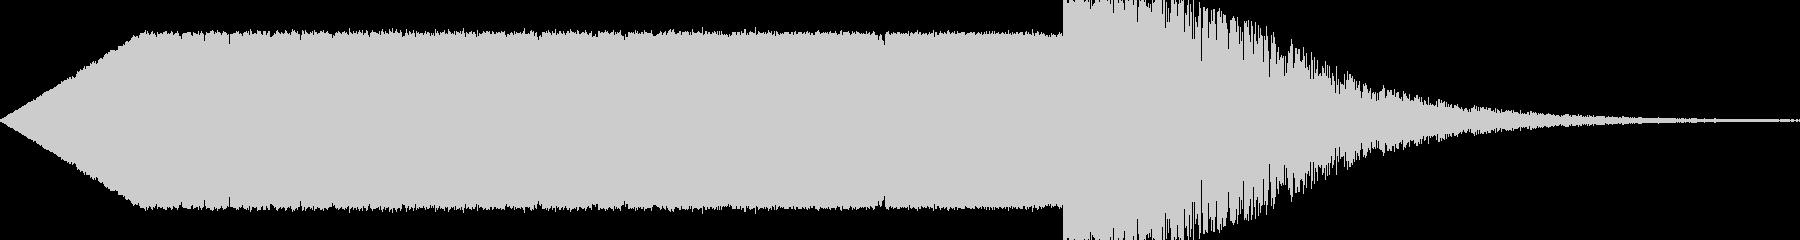 ステータスダウン系の下降音の未再生の波形